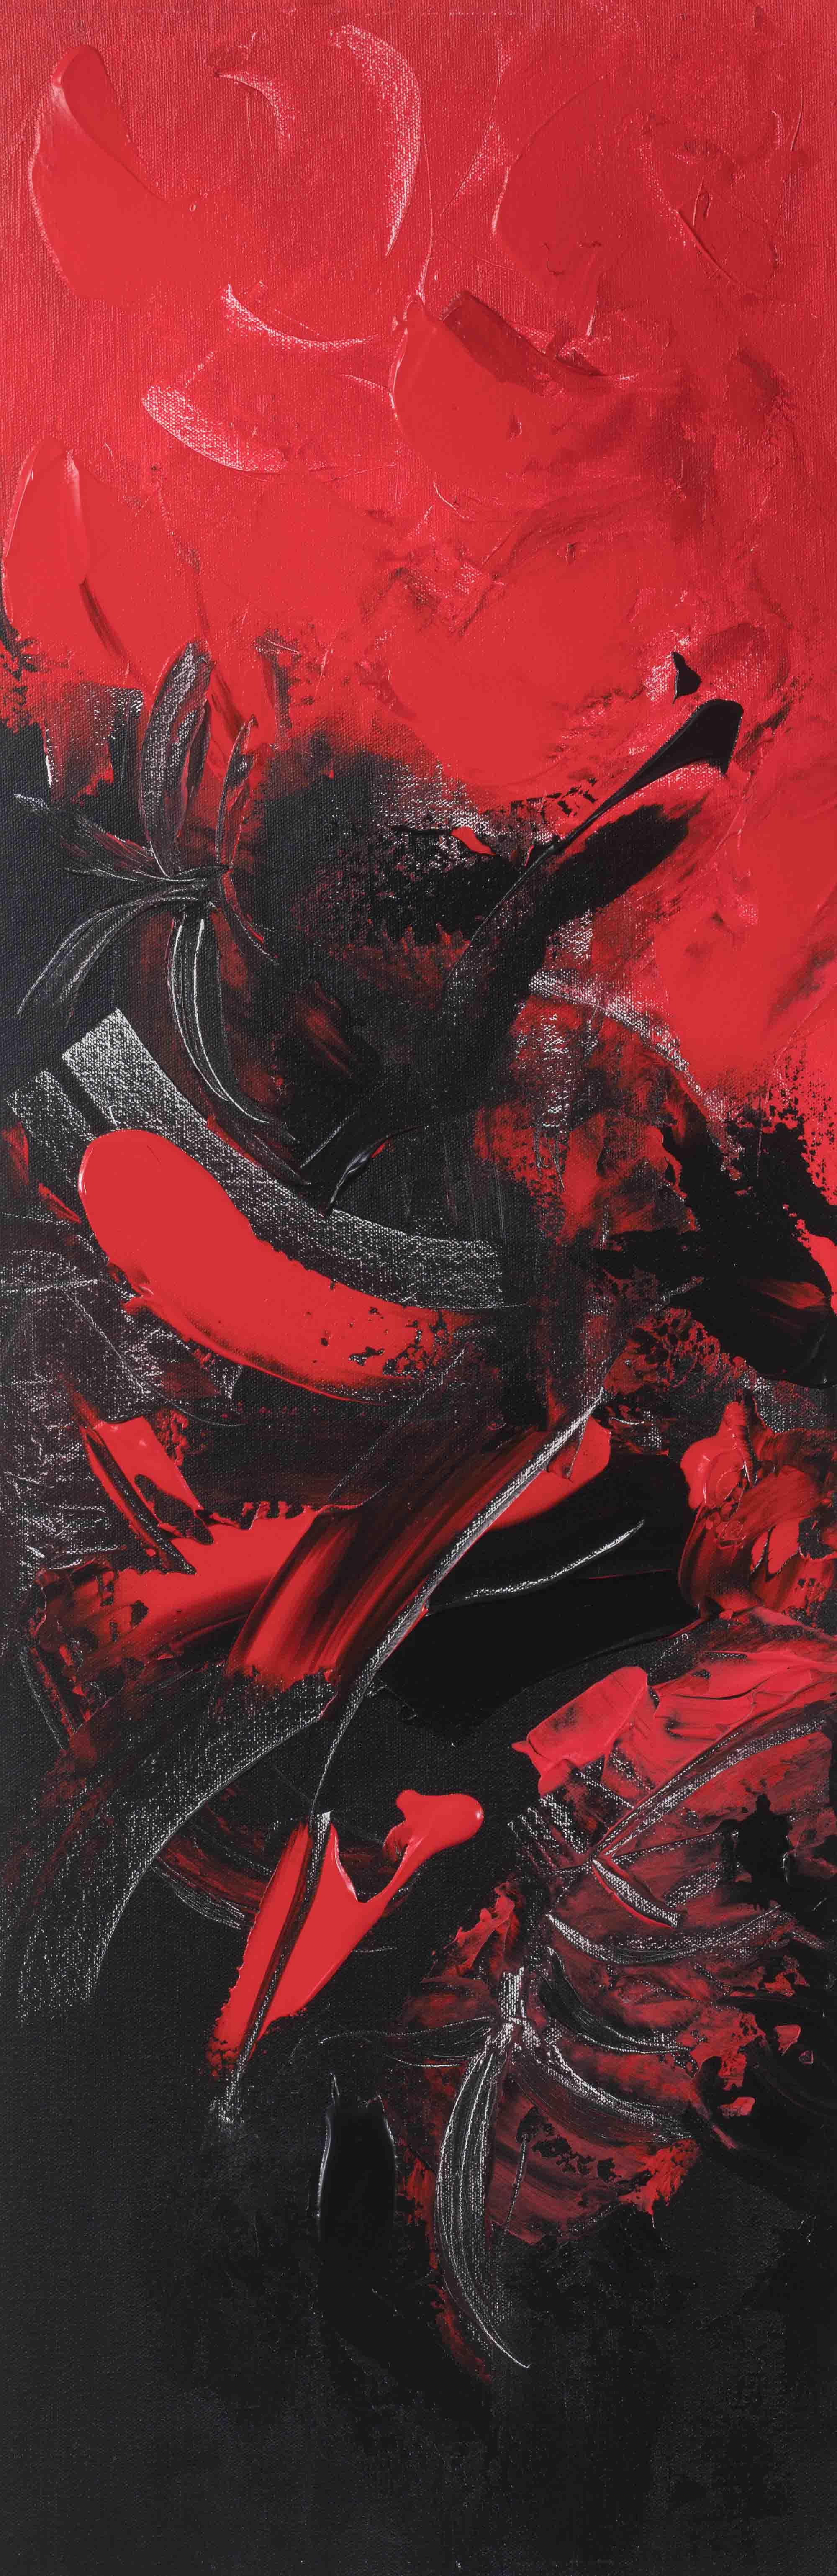 rouge et noir resized